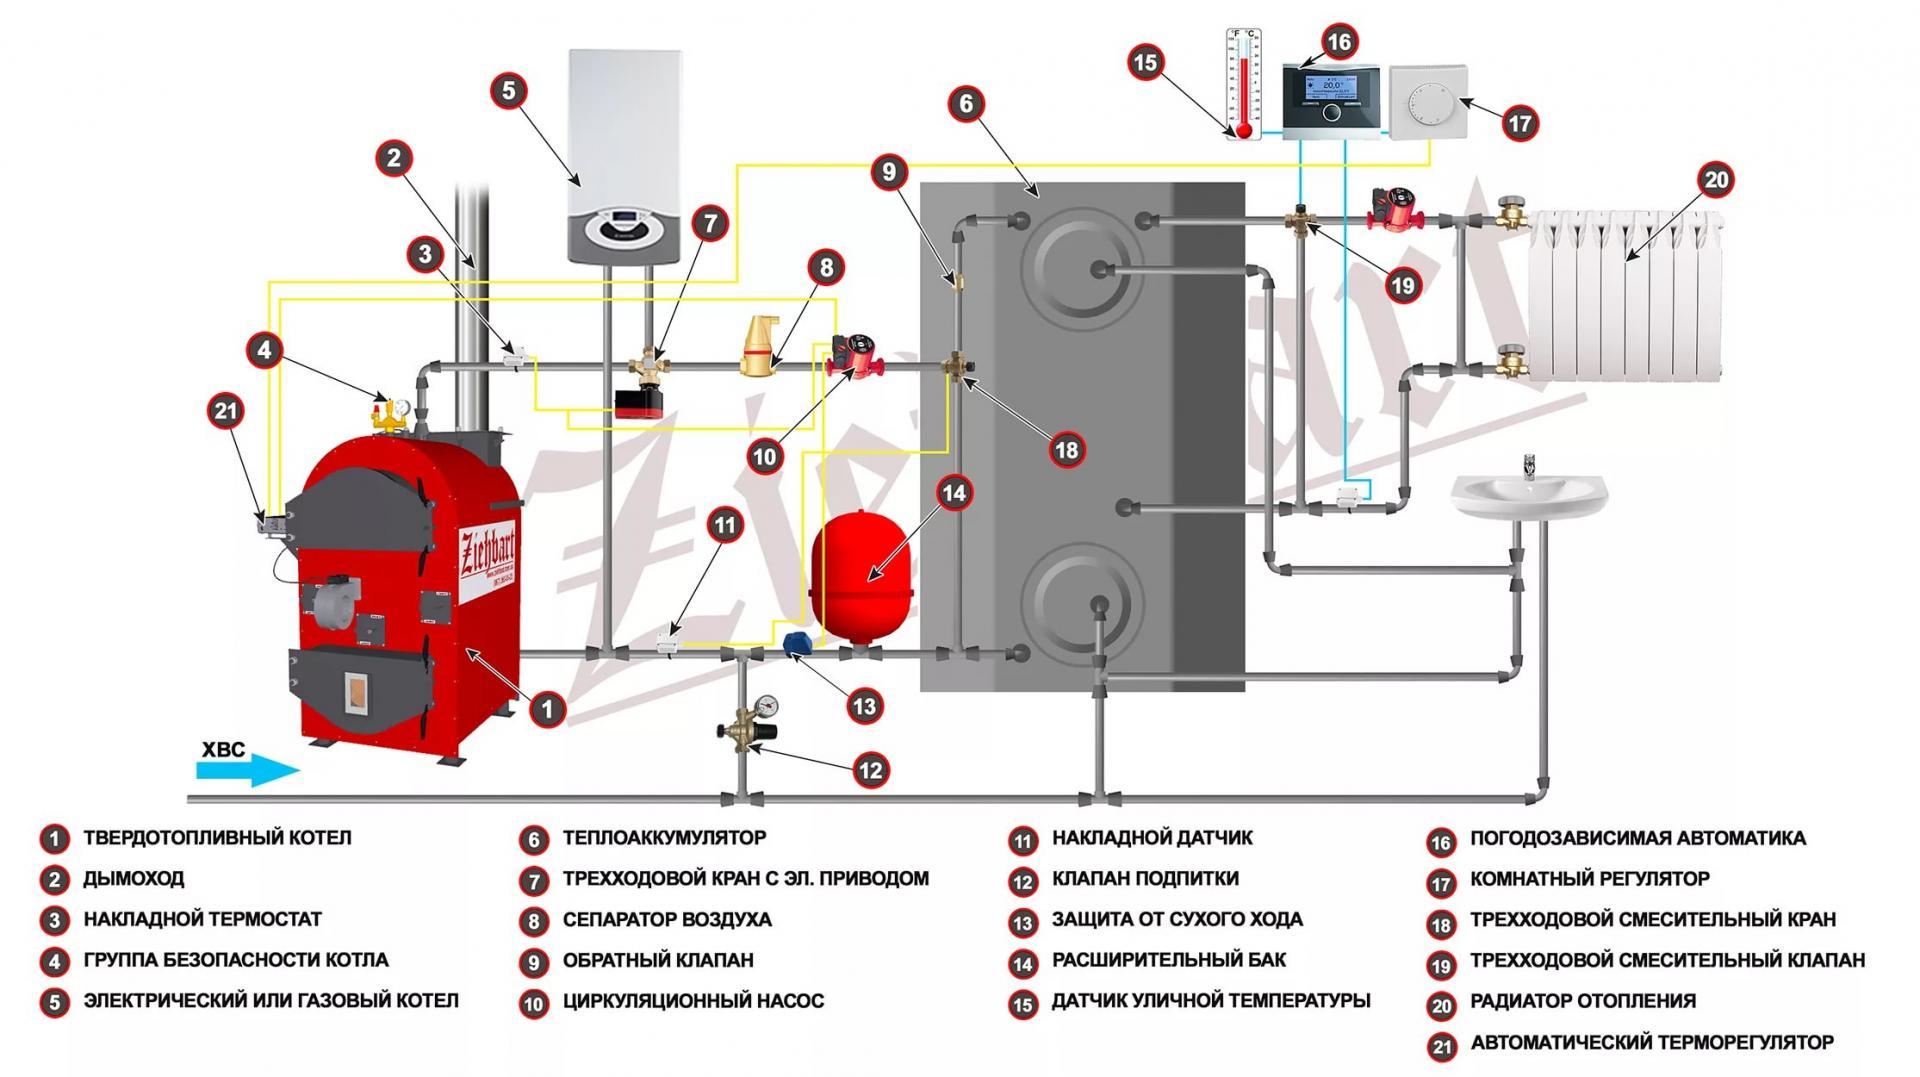 Подключение твердотопливного котла и газового в одну систему схемы